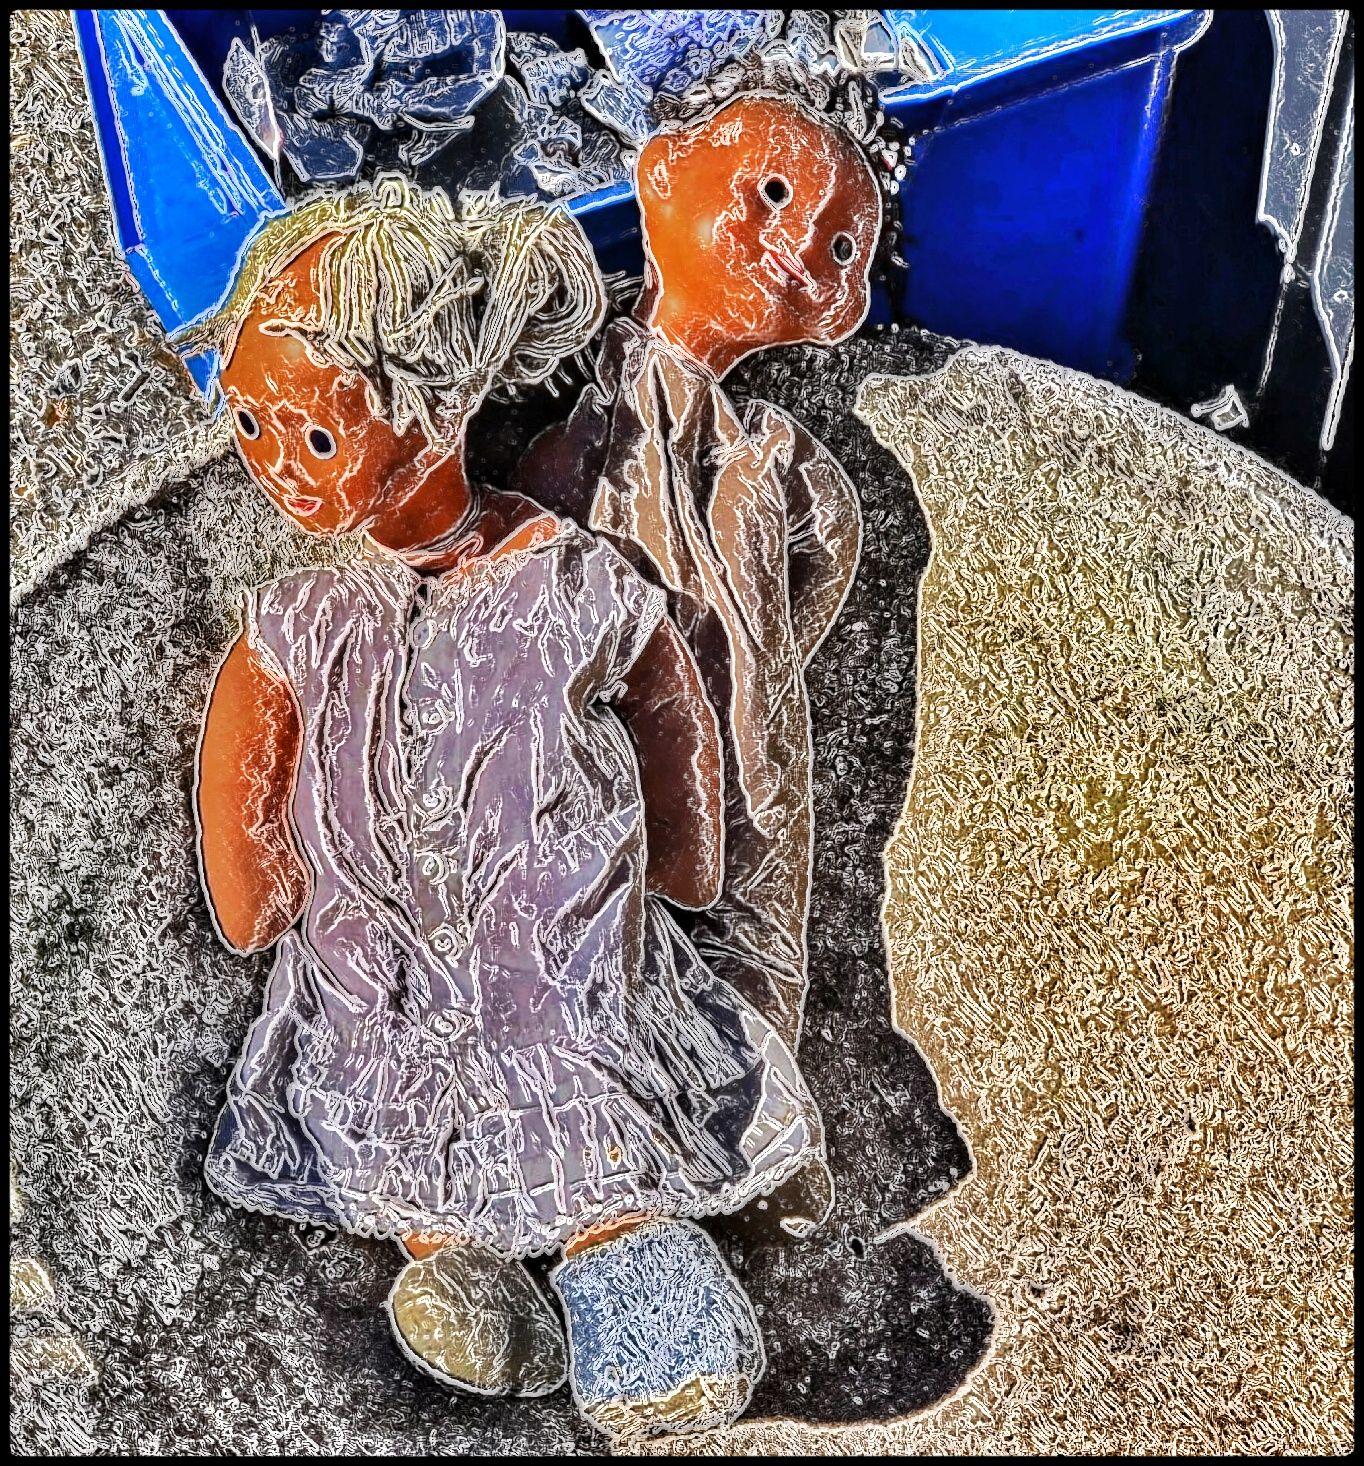 PaperCamera2019-10-10-22-04-02-01.jpeg